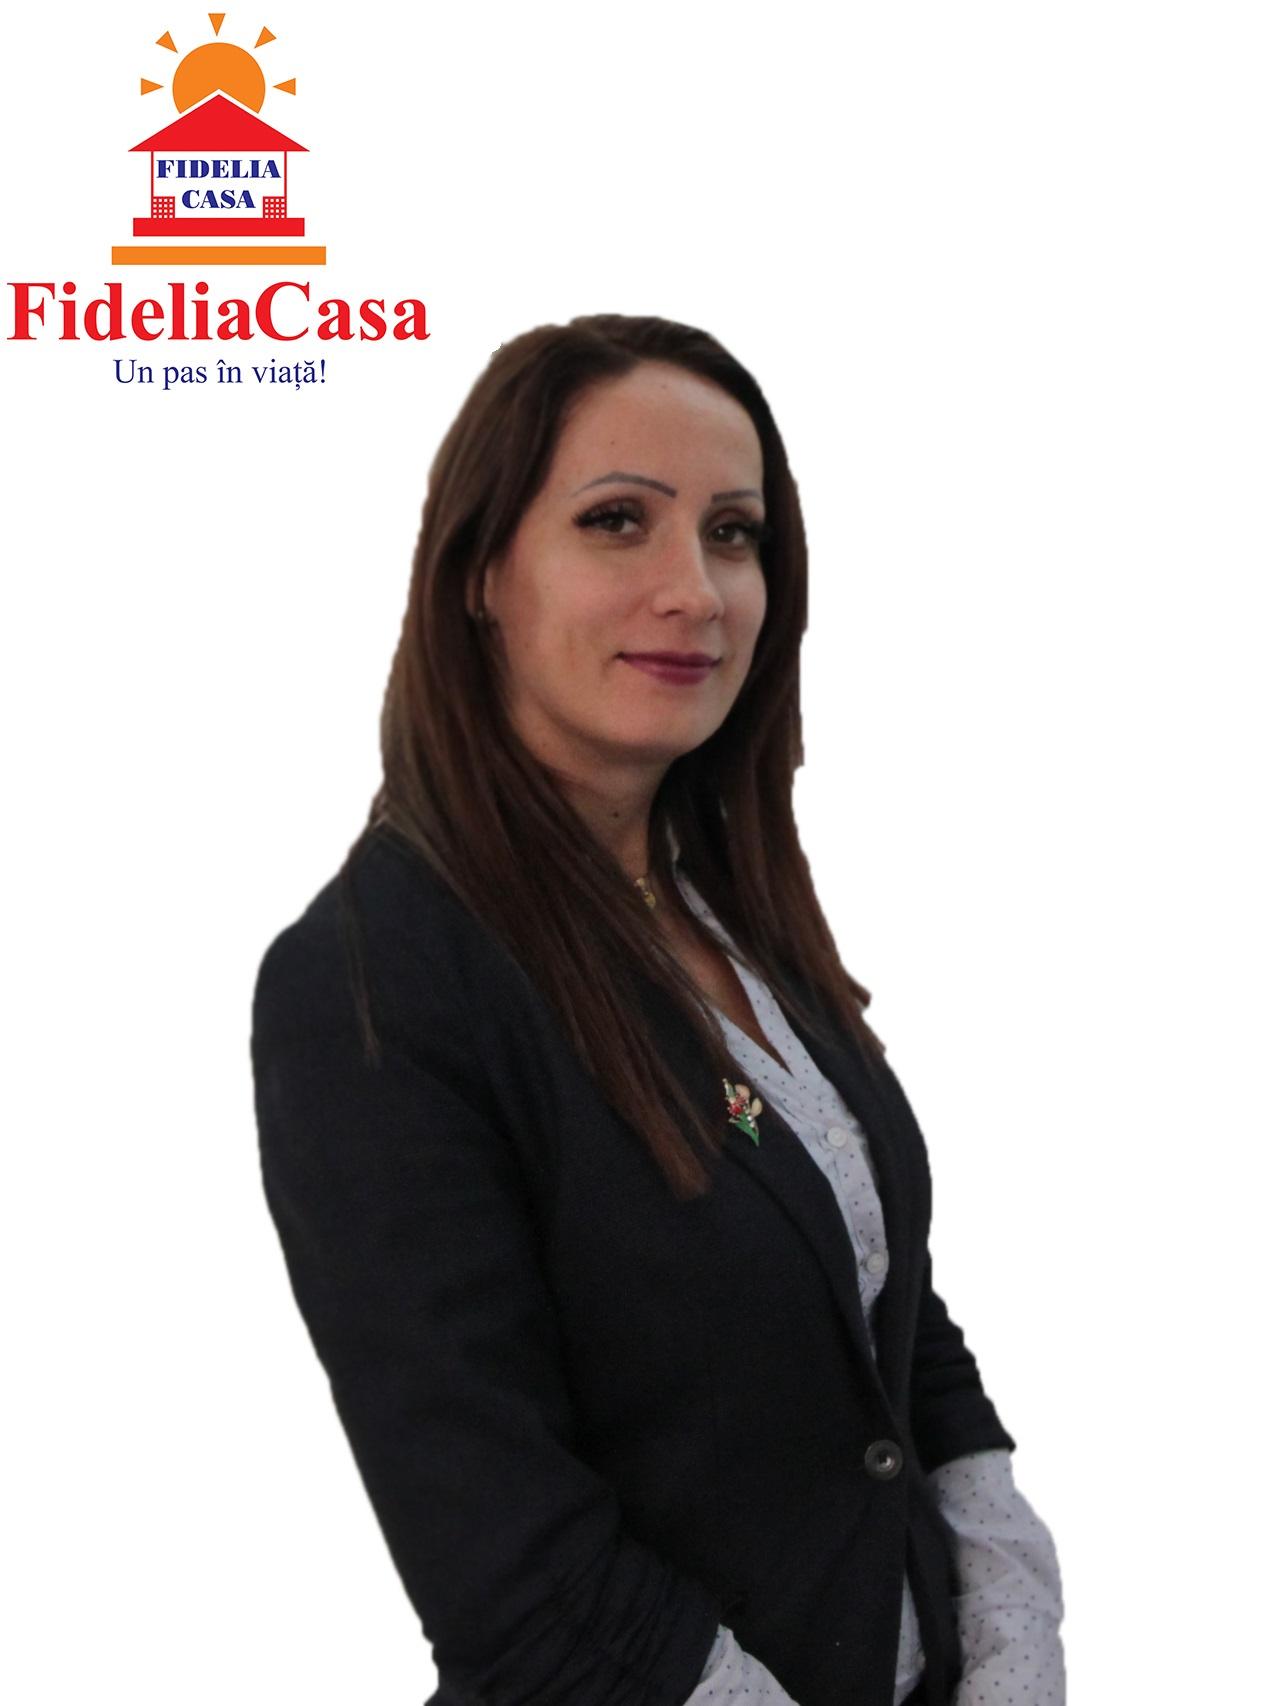 Gina Neagu